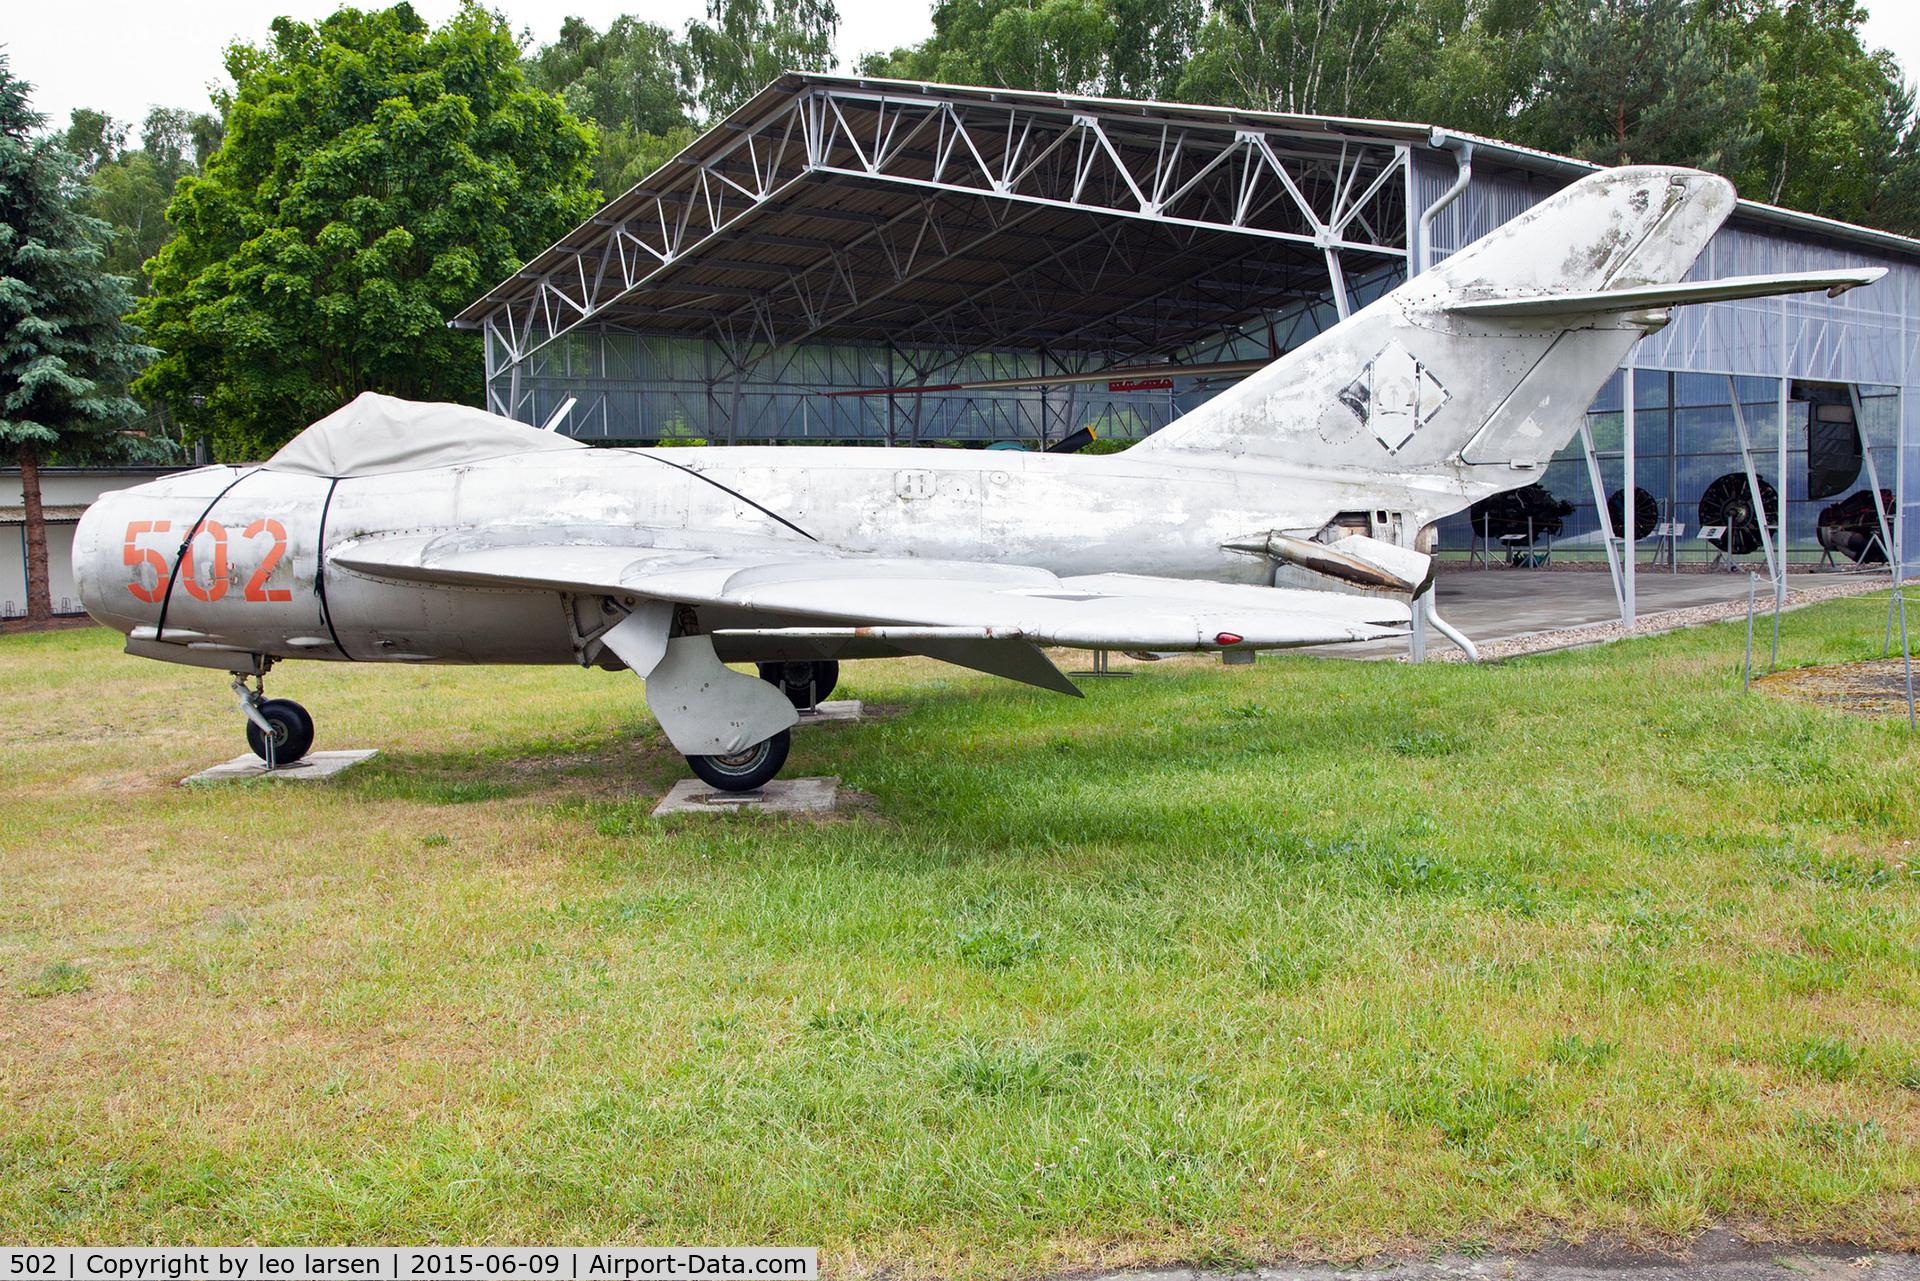 502, PZL-Mielec Lim-5 (MiG-17F) C/N 1C0902, Flugplatzmuseum Cottbus 9.6.15